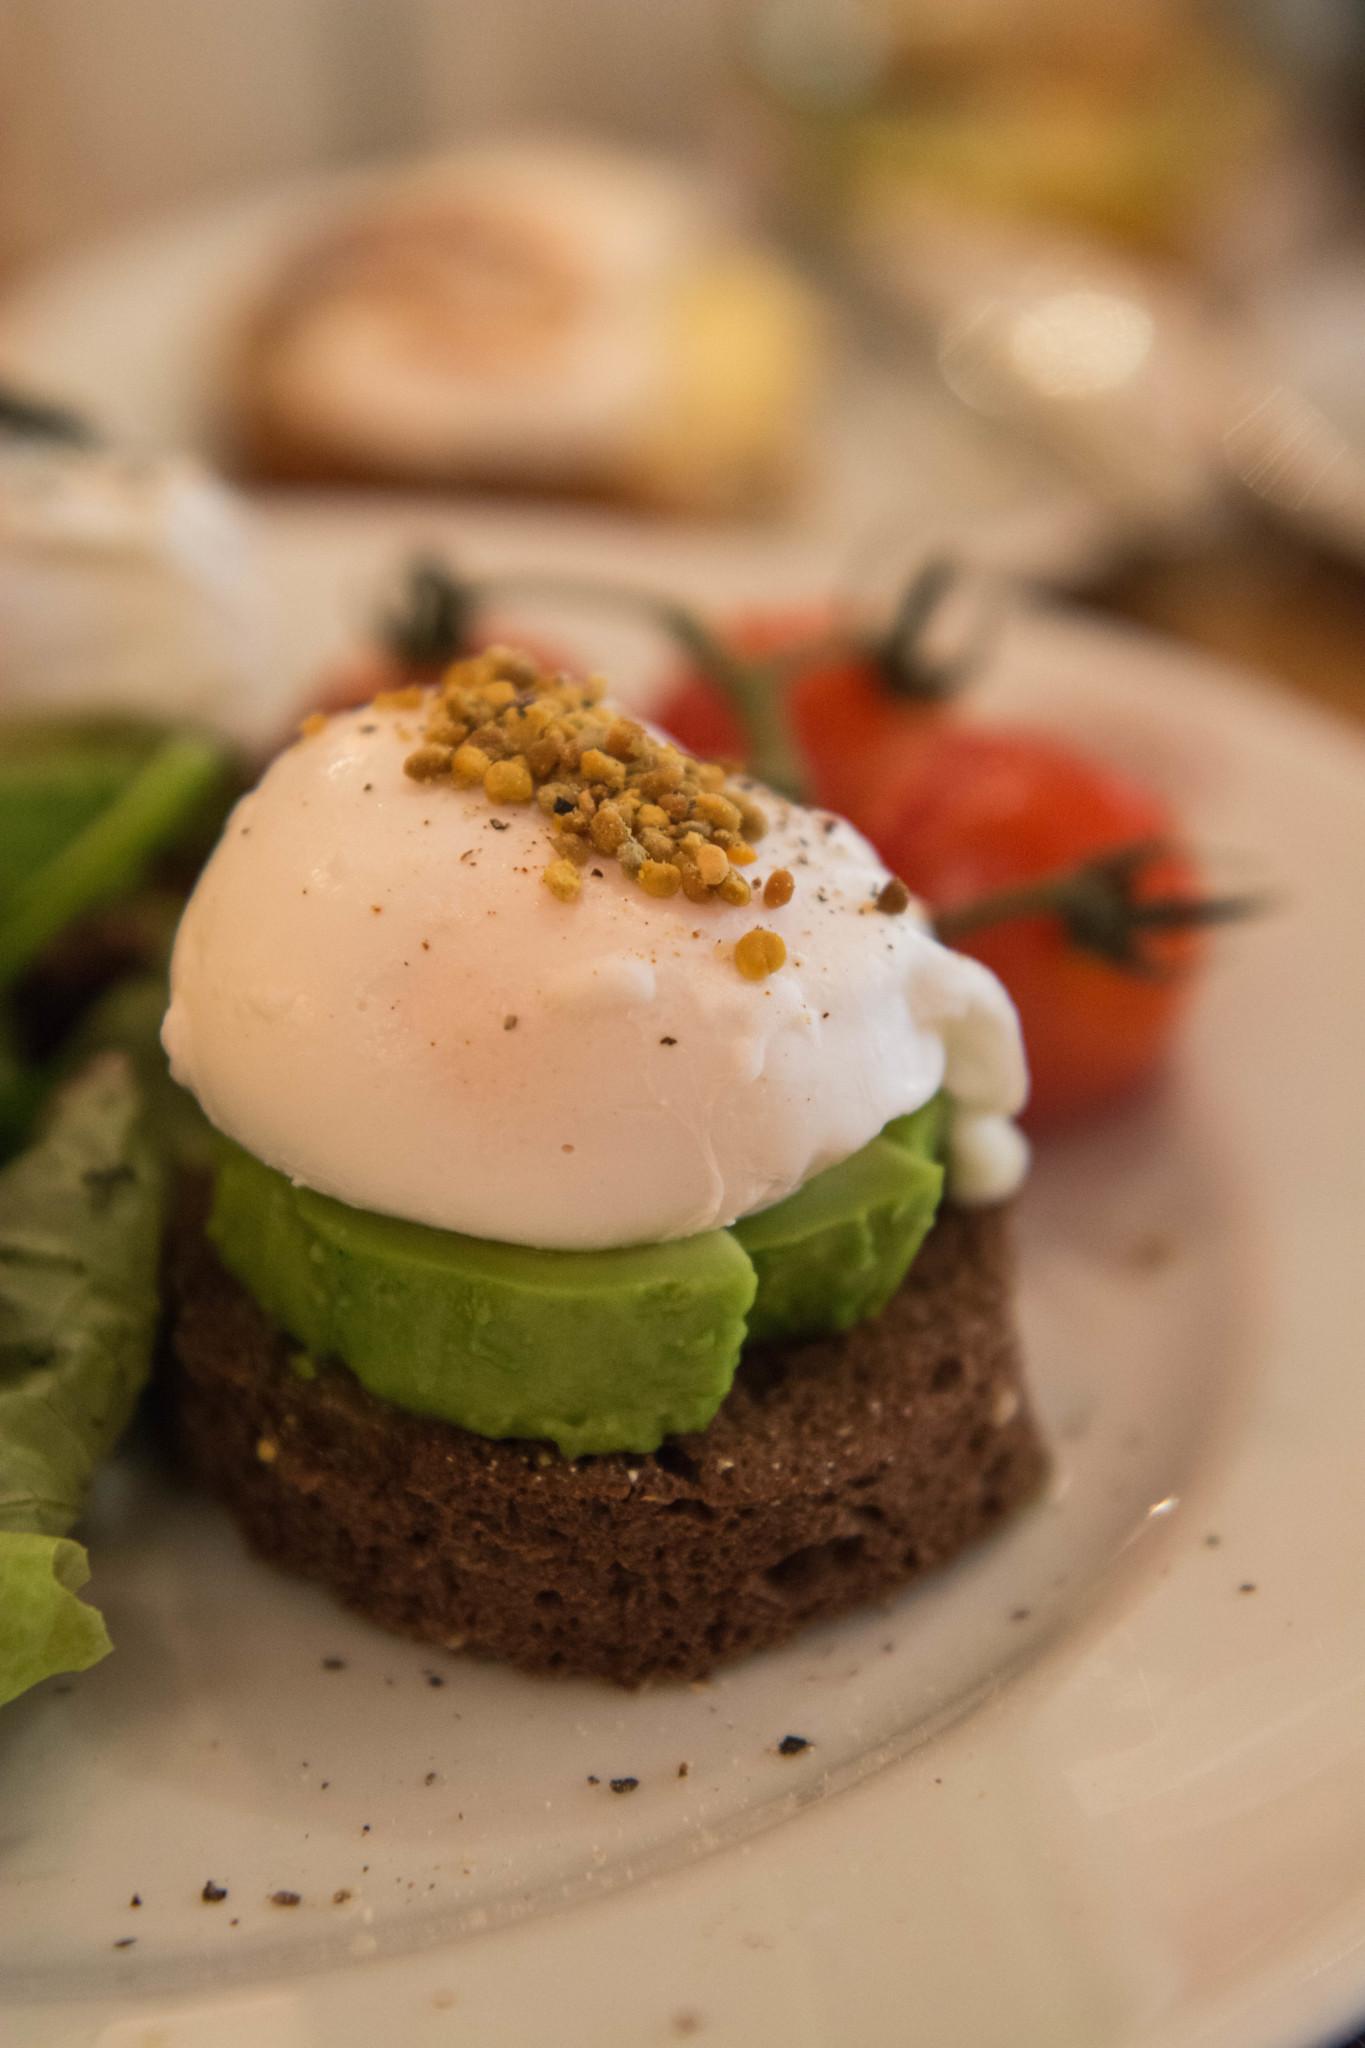 Avocado und Ei im Mandarin Oriental in London